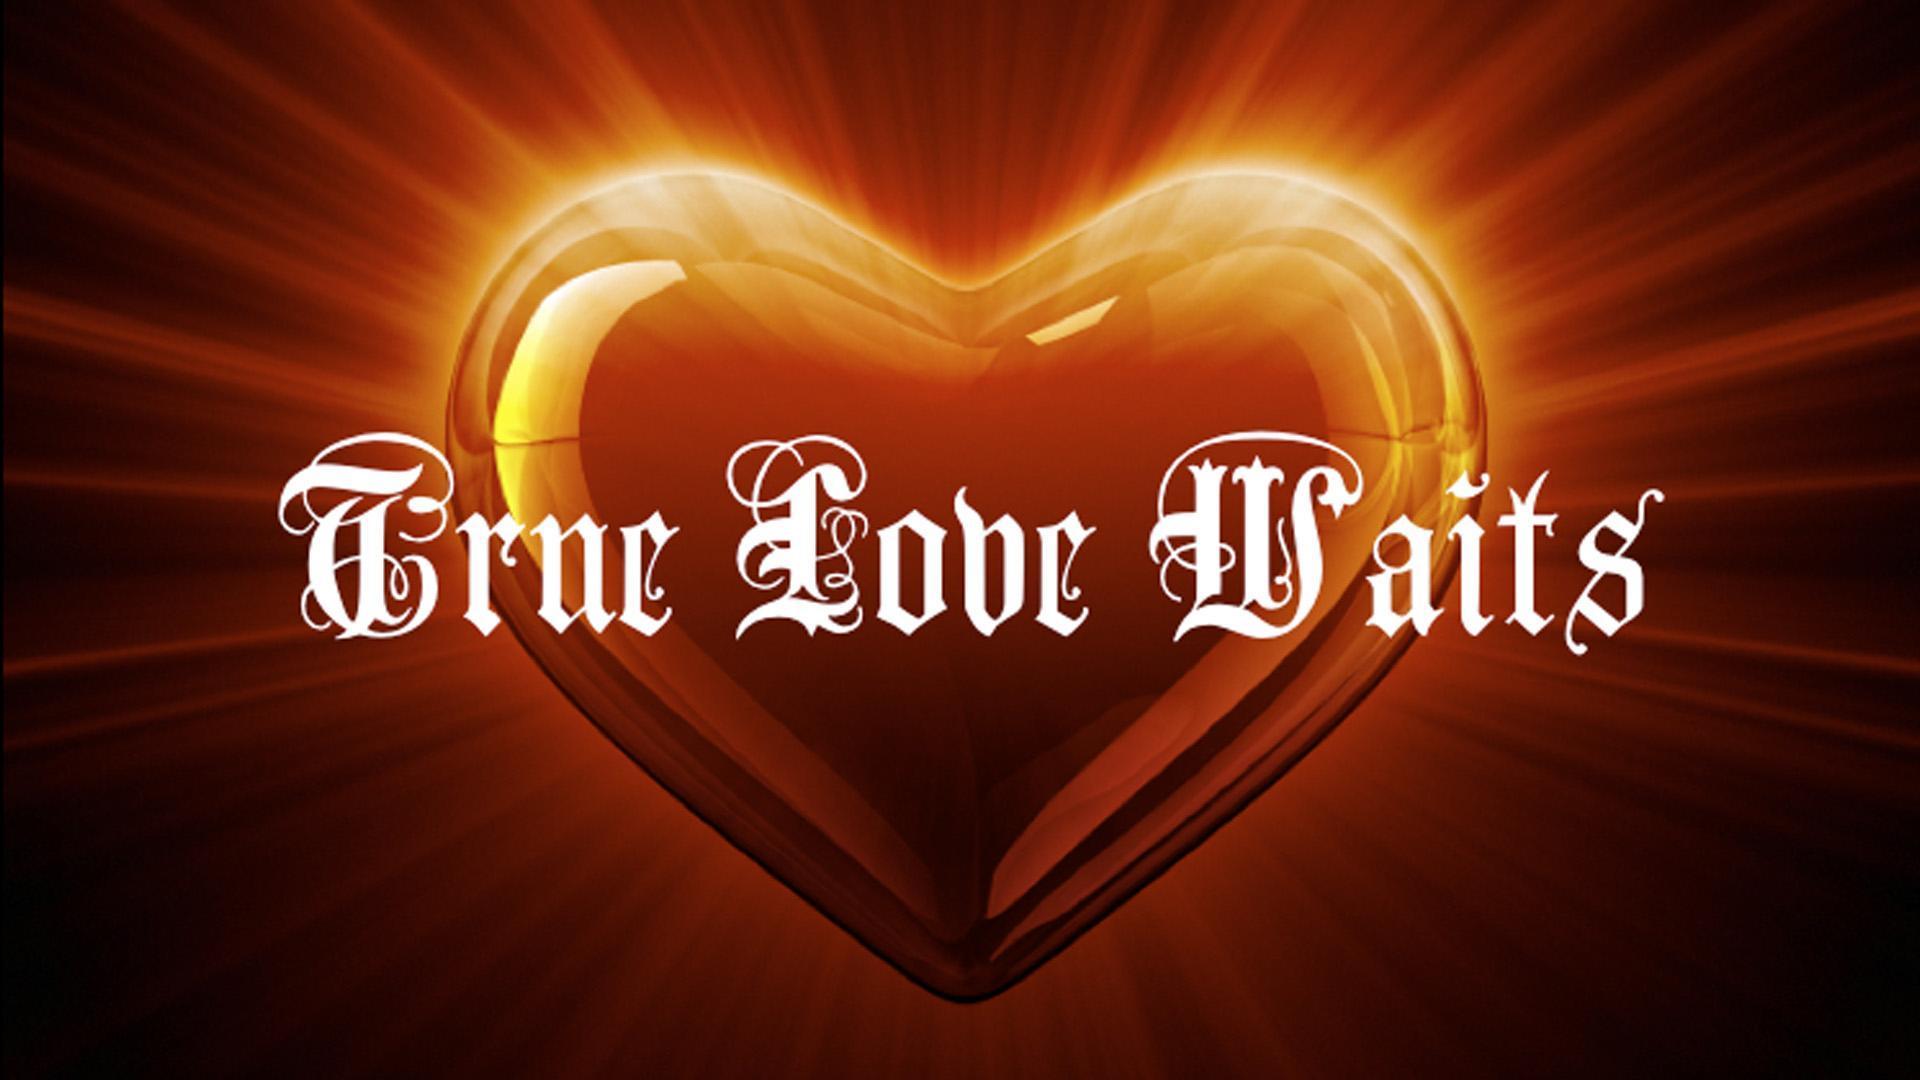 Real Hd Love